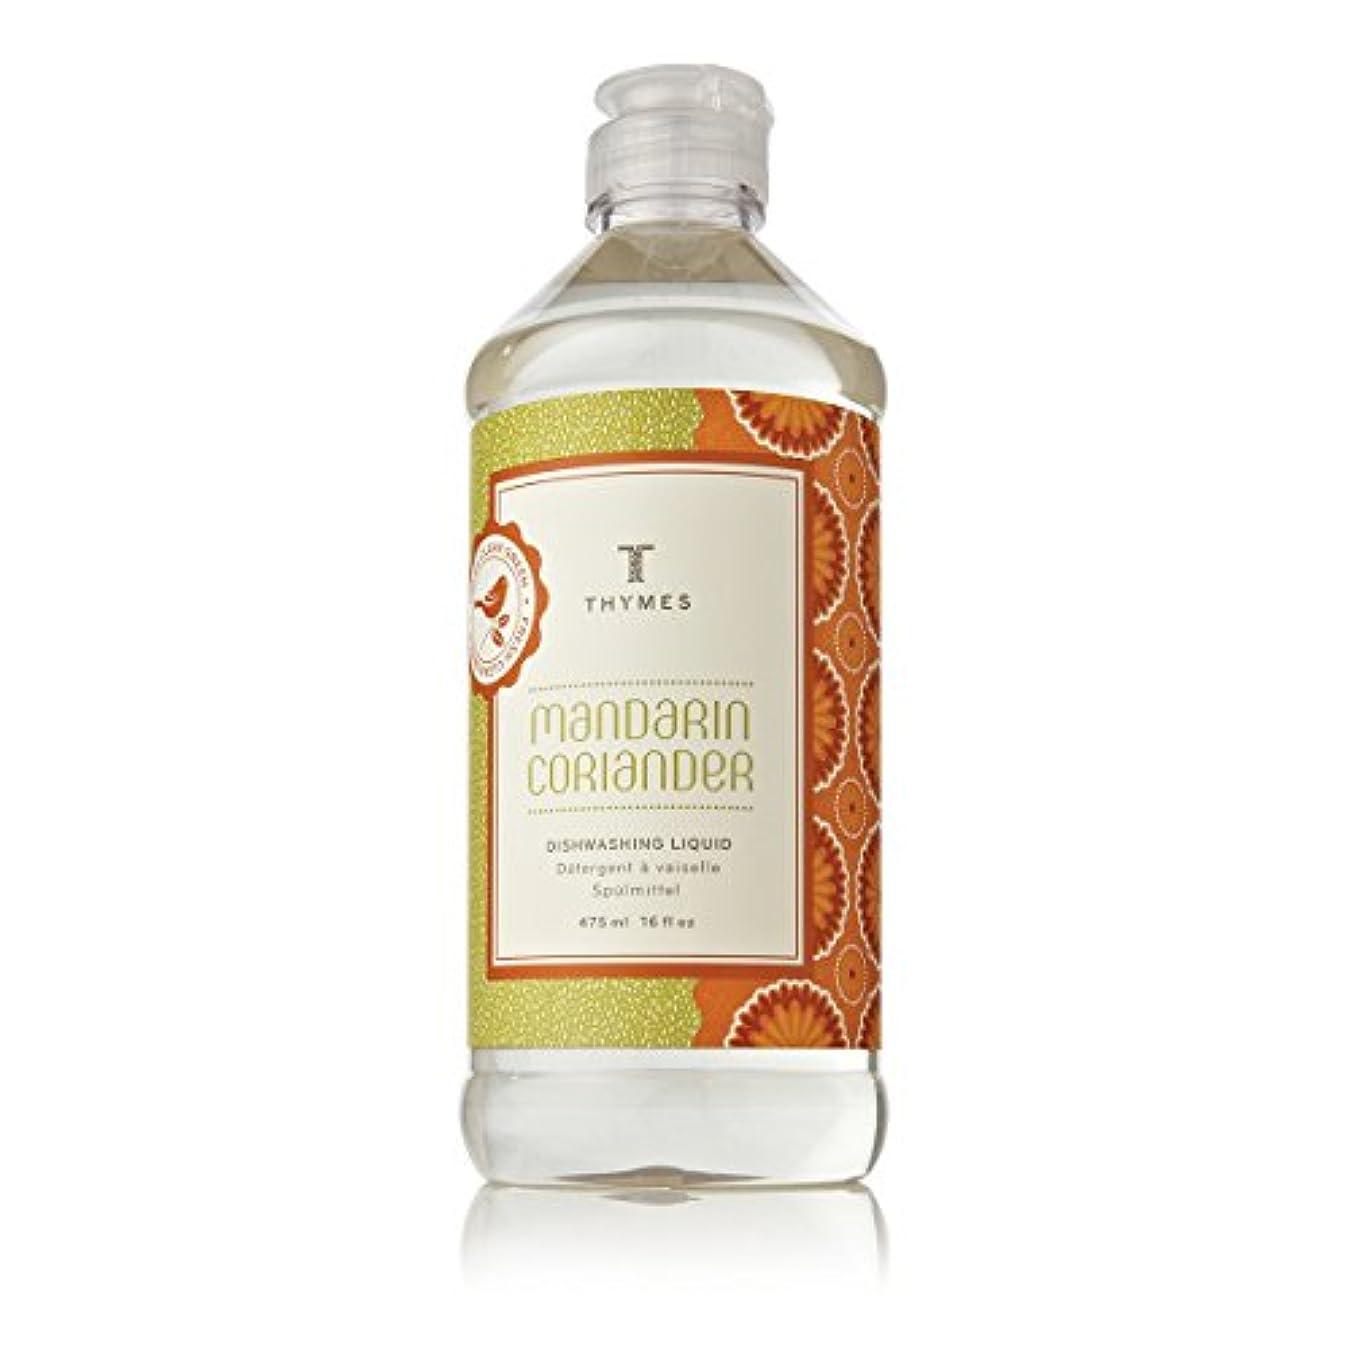 今日雪だるまを作るローストThymes Mandarin Coriander Dishwashing Liquid - Oz. Natural Body Hand 0510720100 by Thymes [並行輸入品]